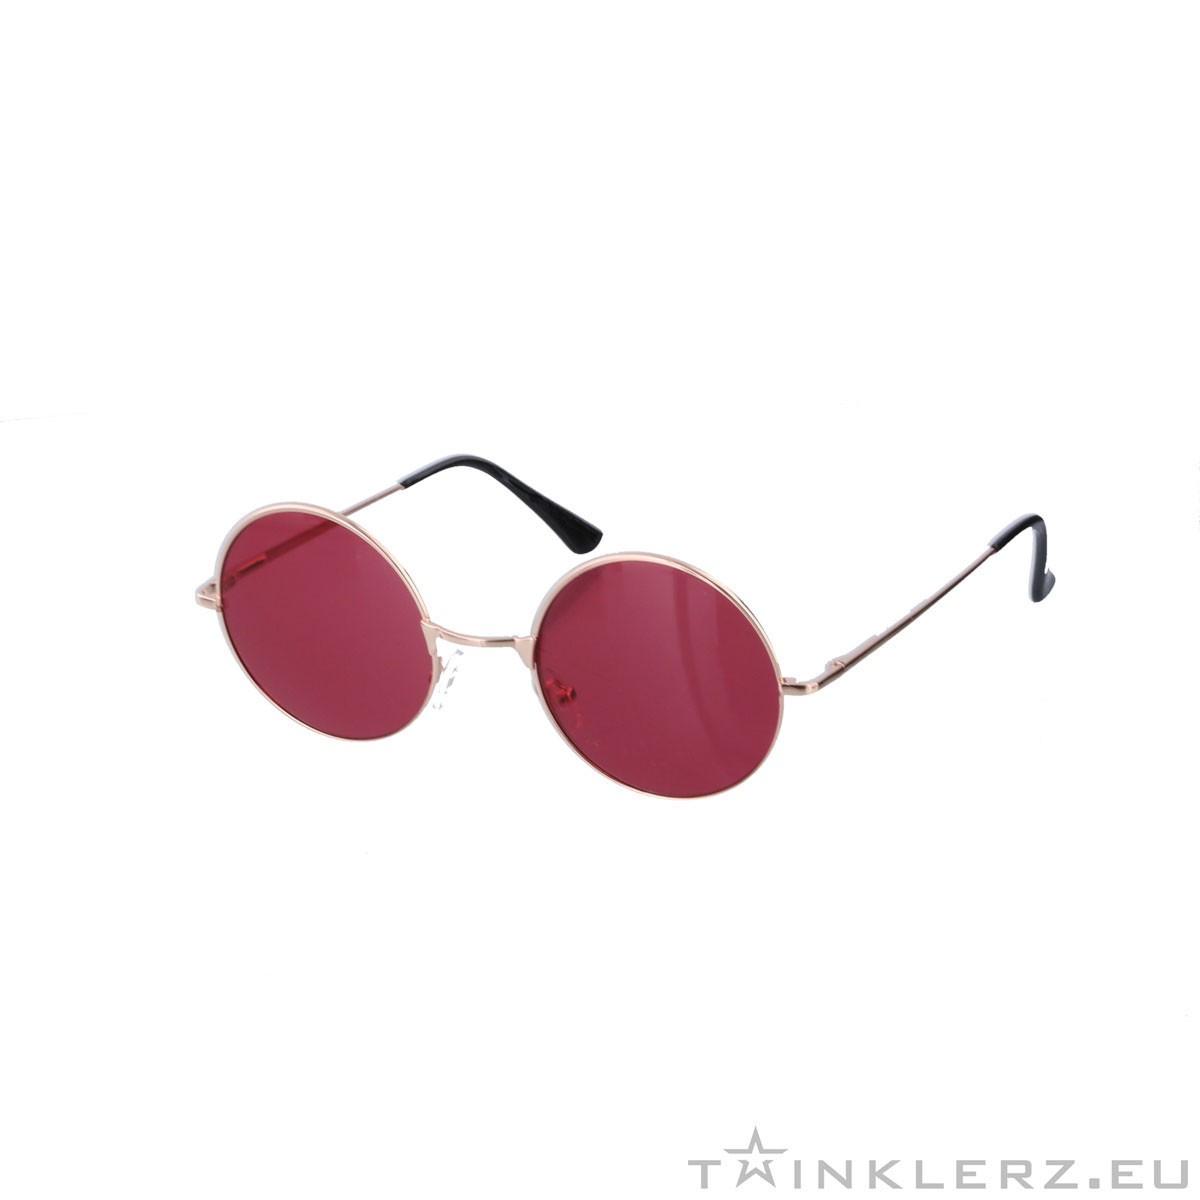 gabberbril goud rood gekleurde glazen